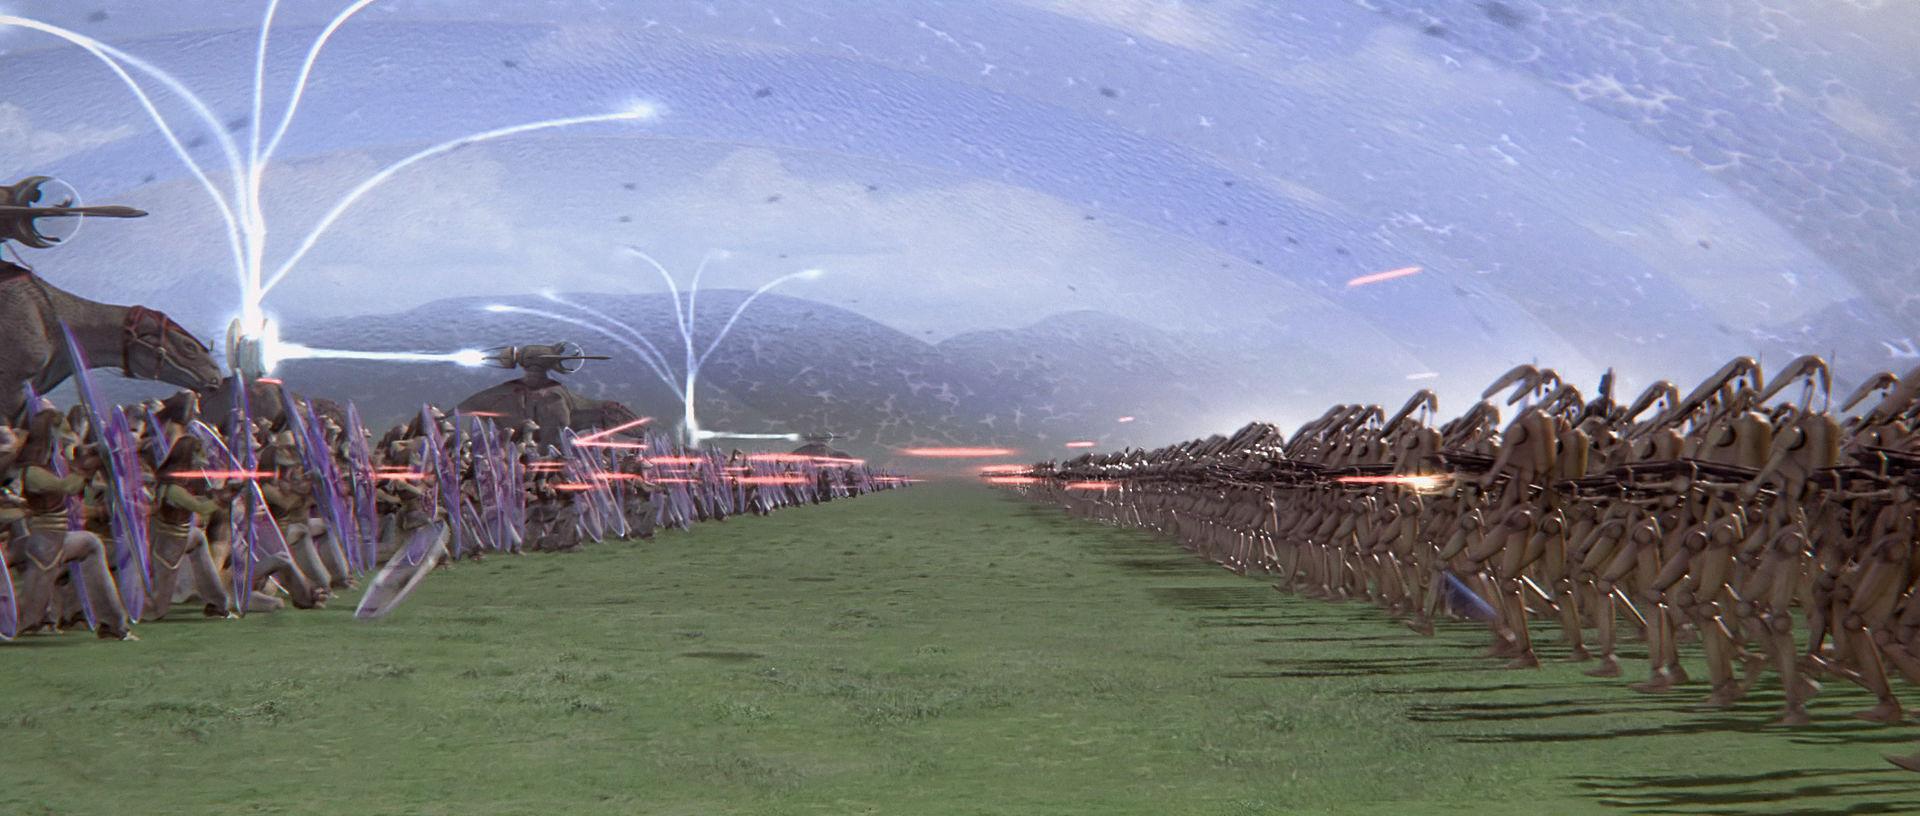 Al final de la Invasión de Naboo (32 ABY) hay una batalla entre los droides y los gungan. ¿Cómo se llama esa batalla?